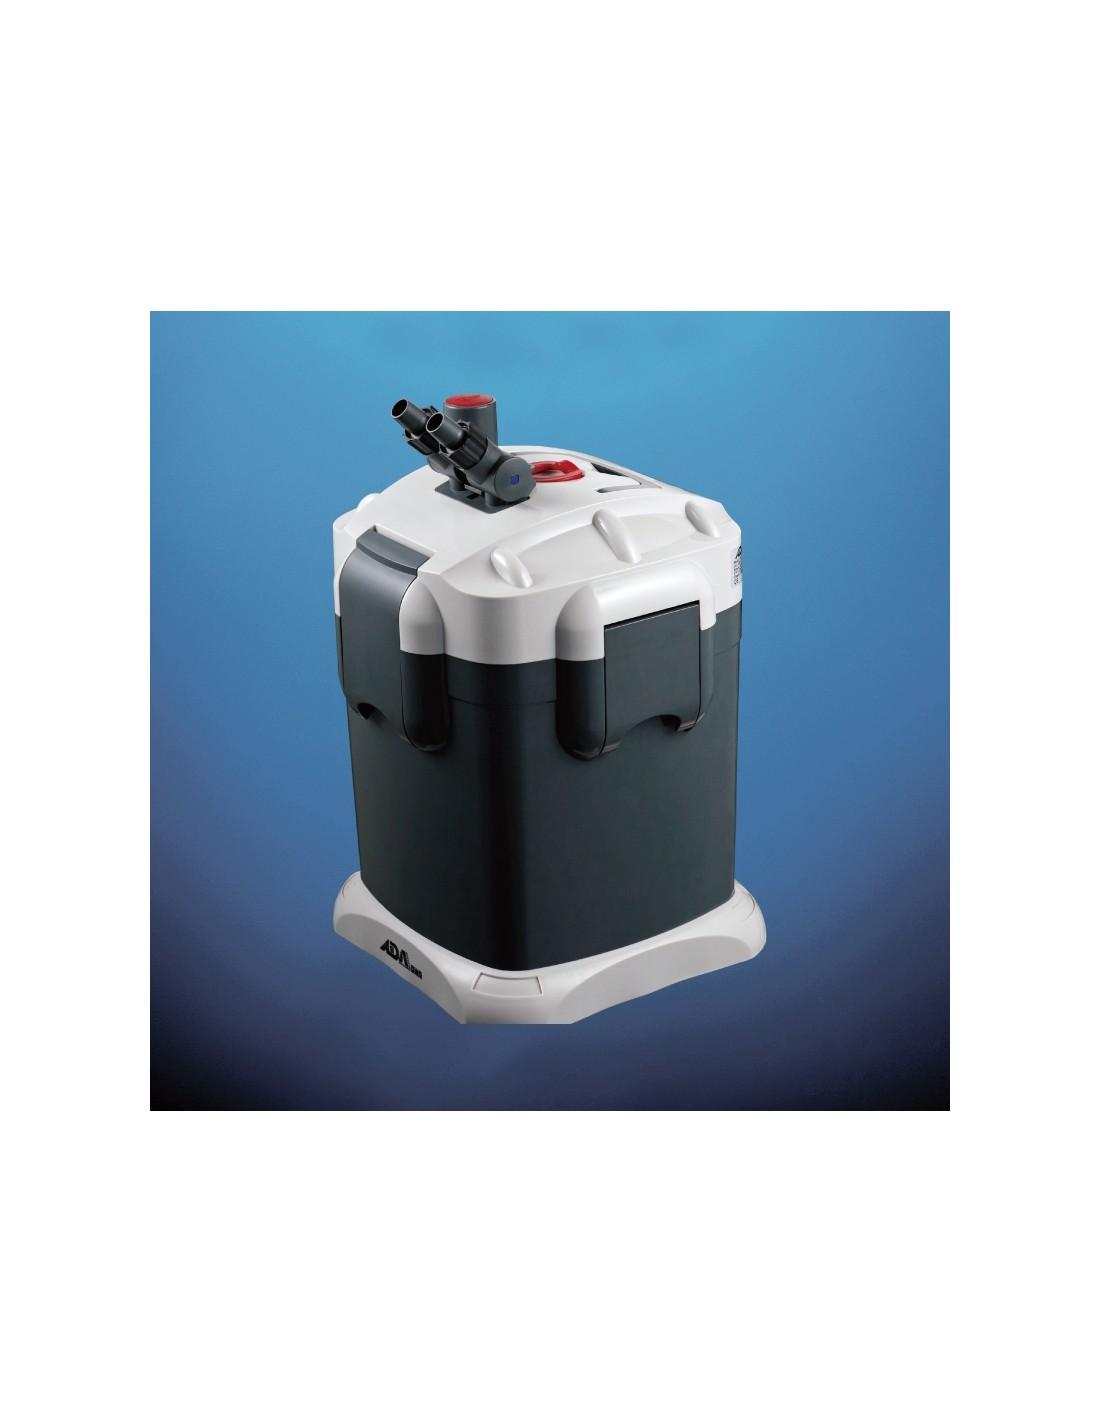 Pompa filtro esterno for Acquario per tartarughe con filtro